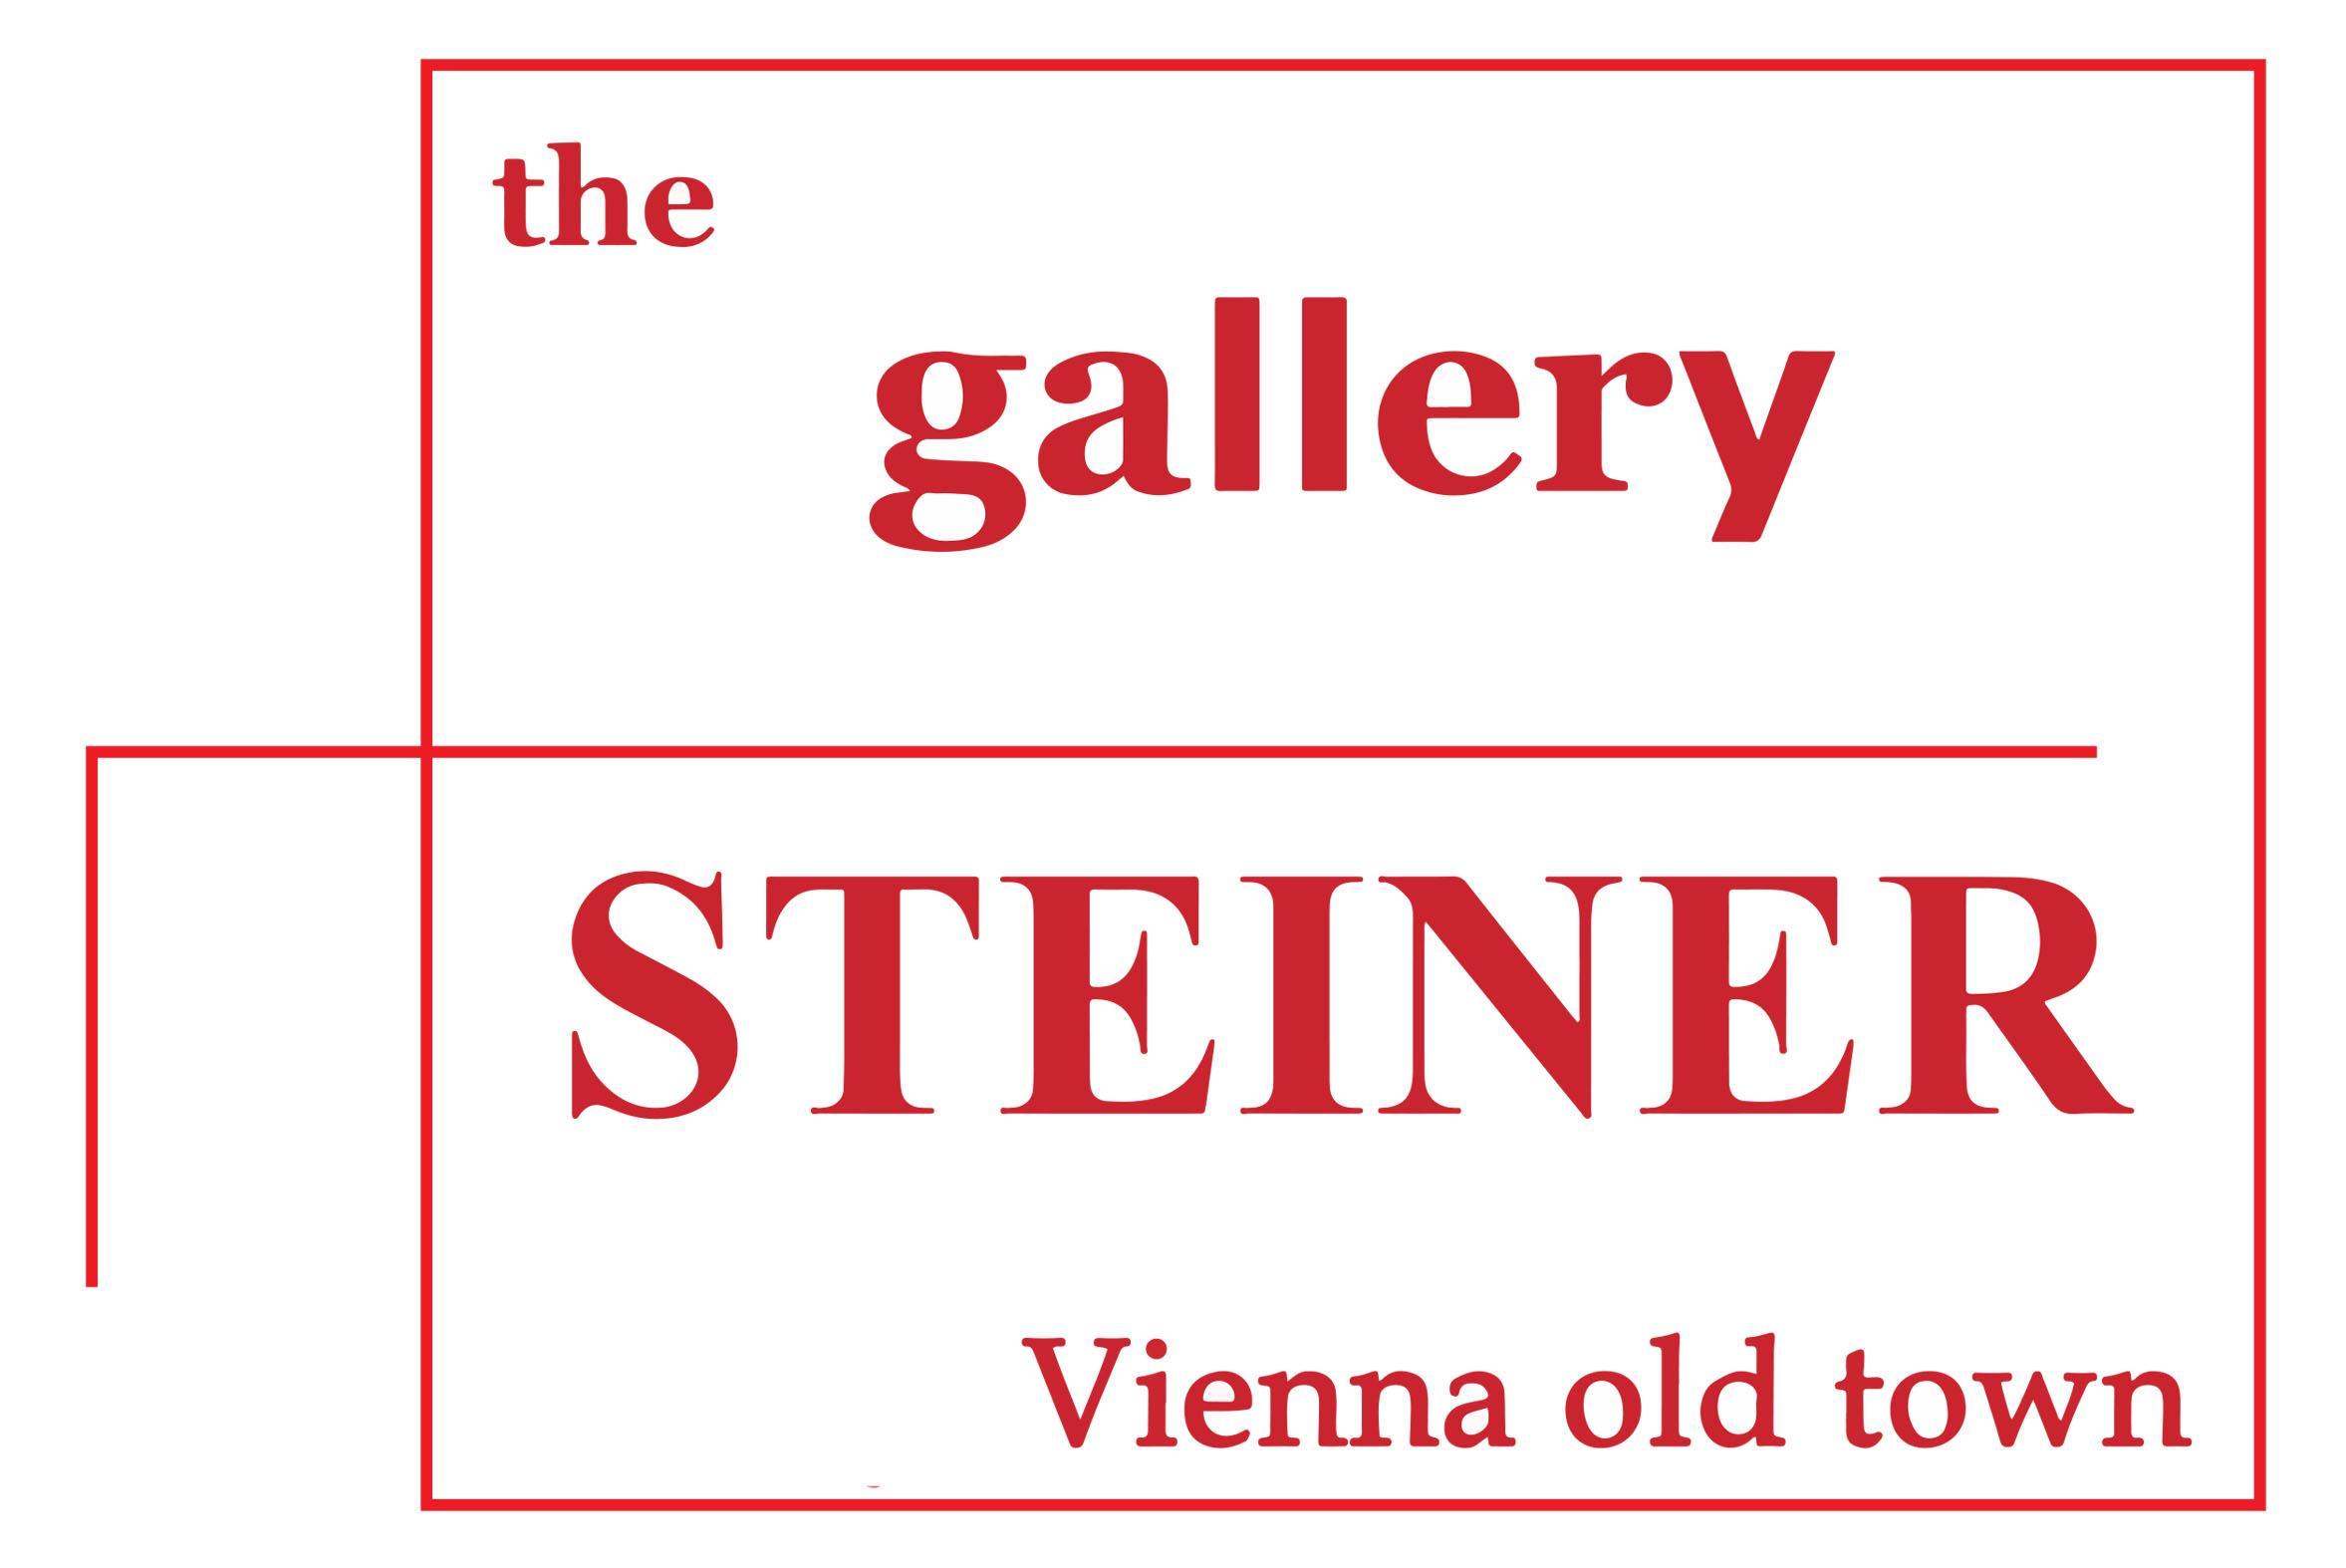 the gallery STEINER